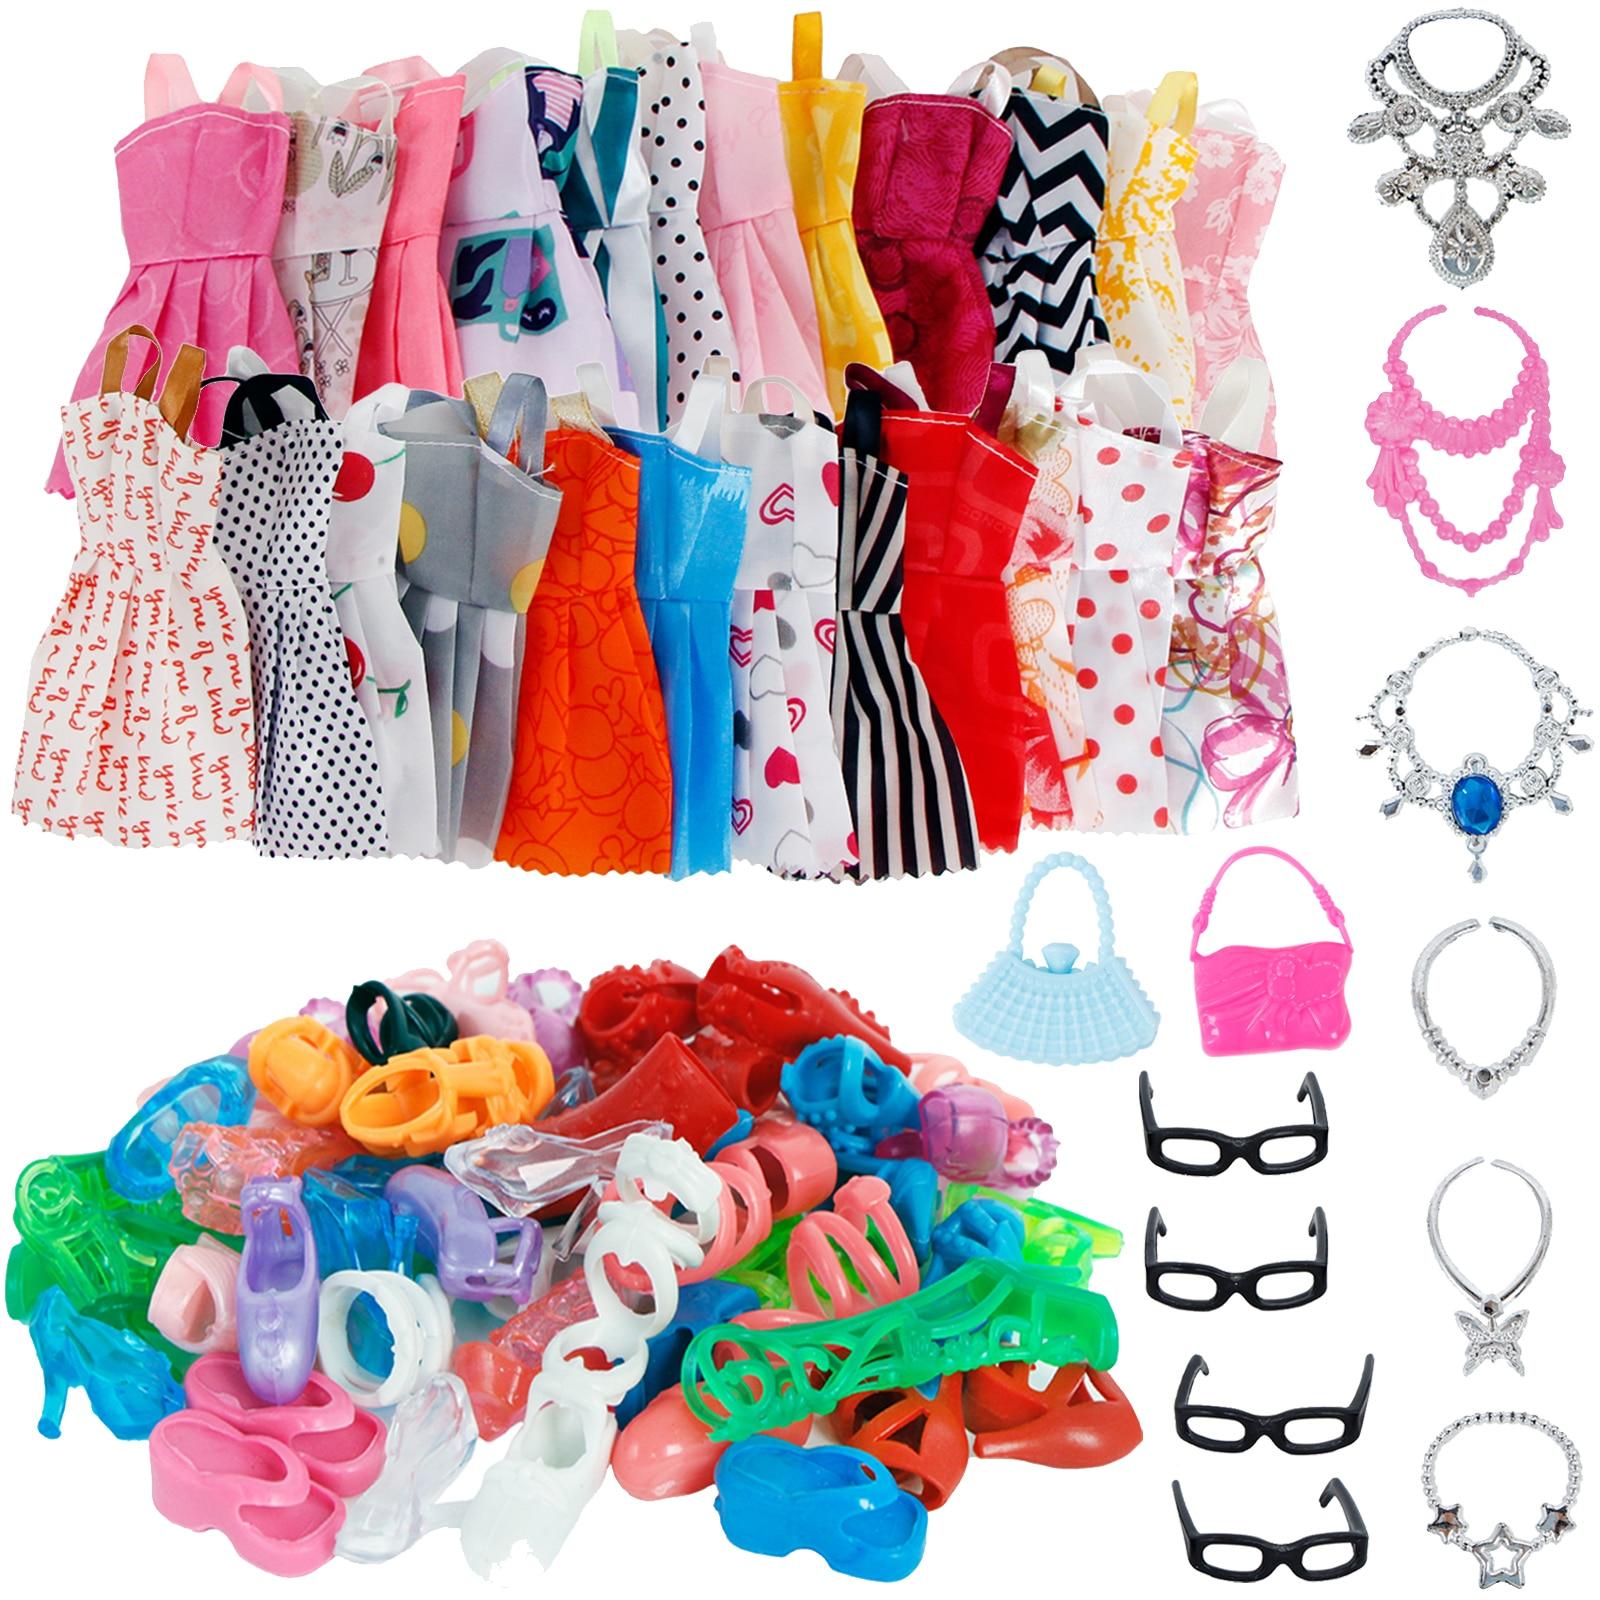 32 articolo/Set Bambola Accessori = 10 Della Miscela Sveglio di Modo del Vestito + 4 Occhiali + 6 Collane + 2 borsa + 10 Pattini di Vestito Vestiti per la Bambola|Accessori per bambole|   - AliExpress